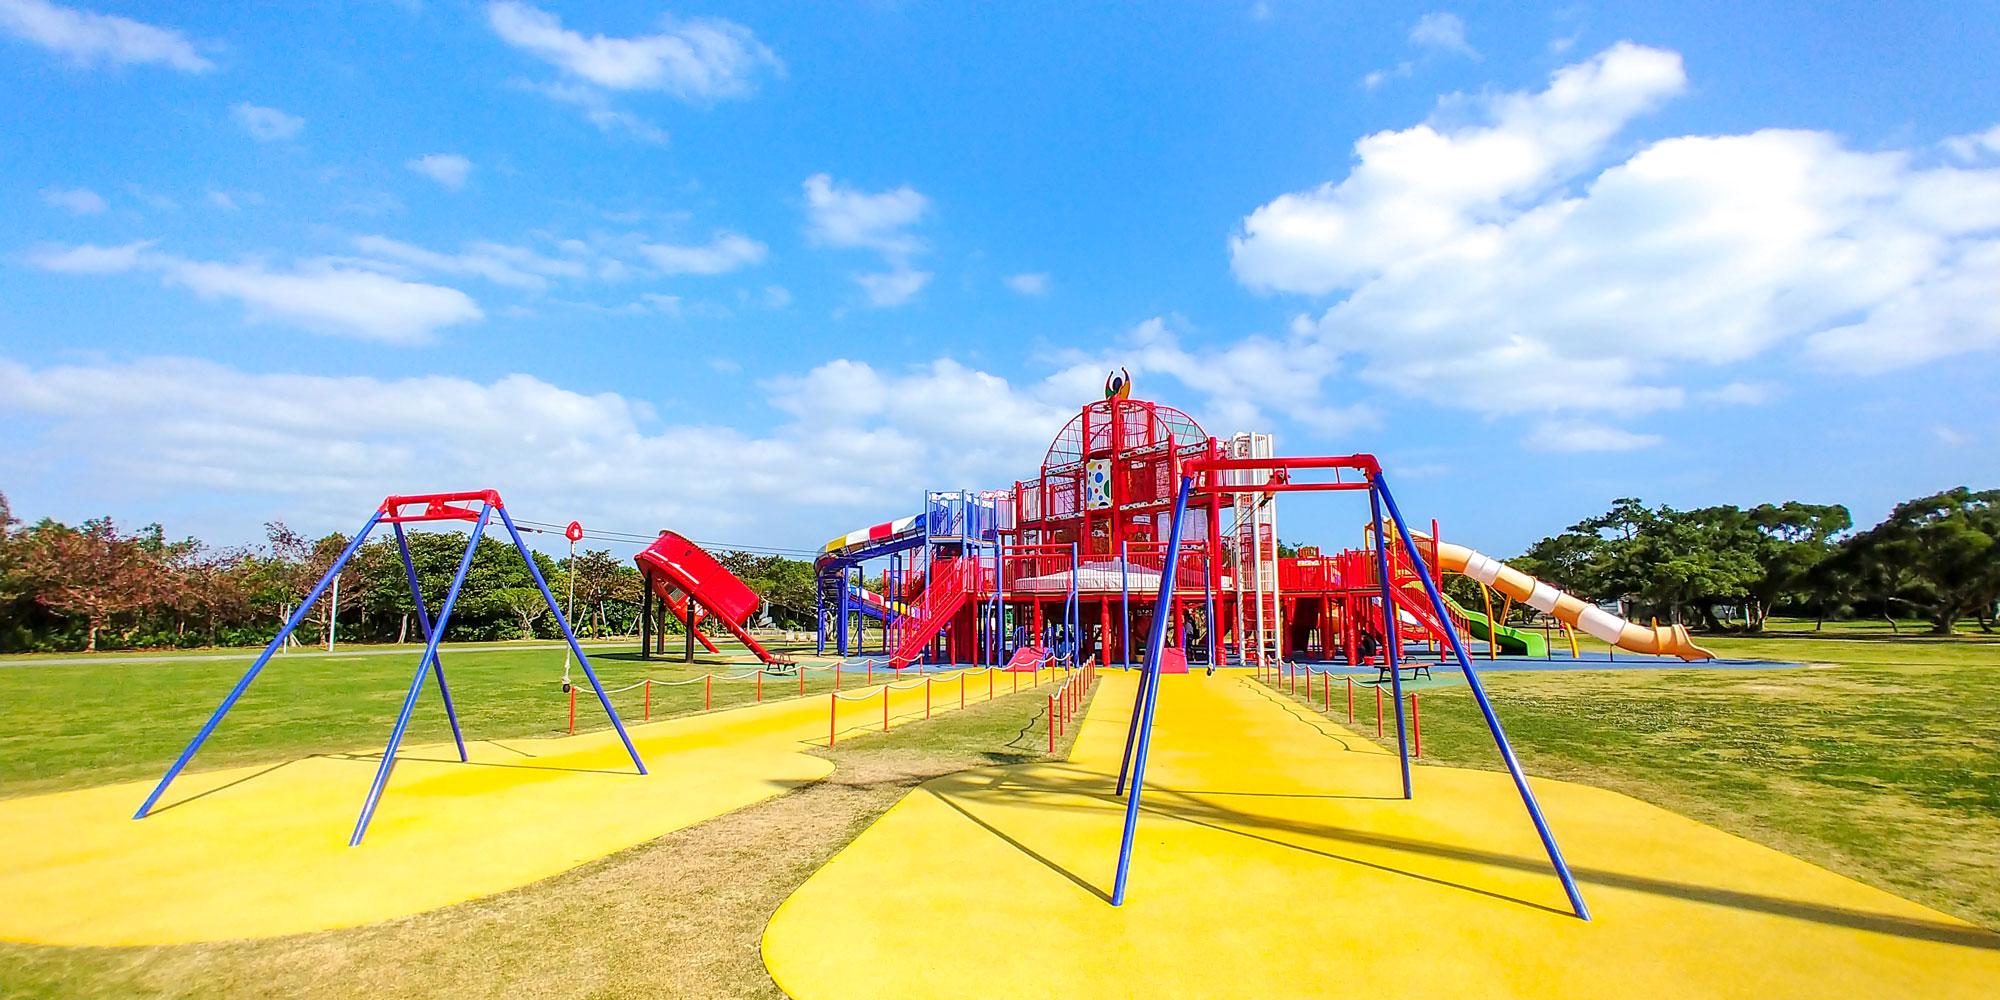 総合運動公園遊具